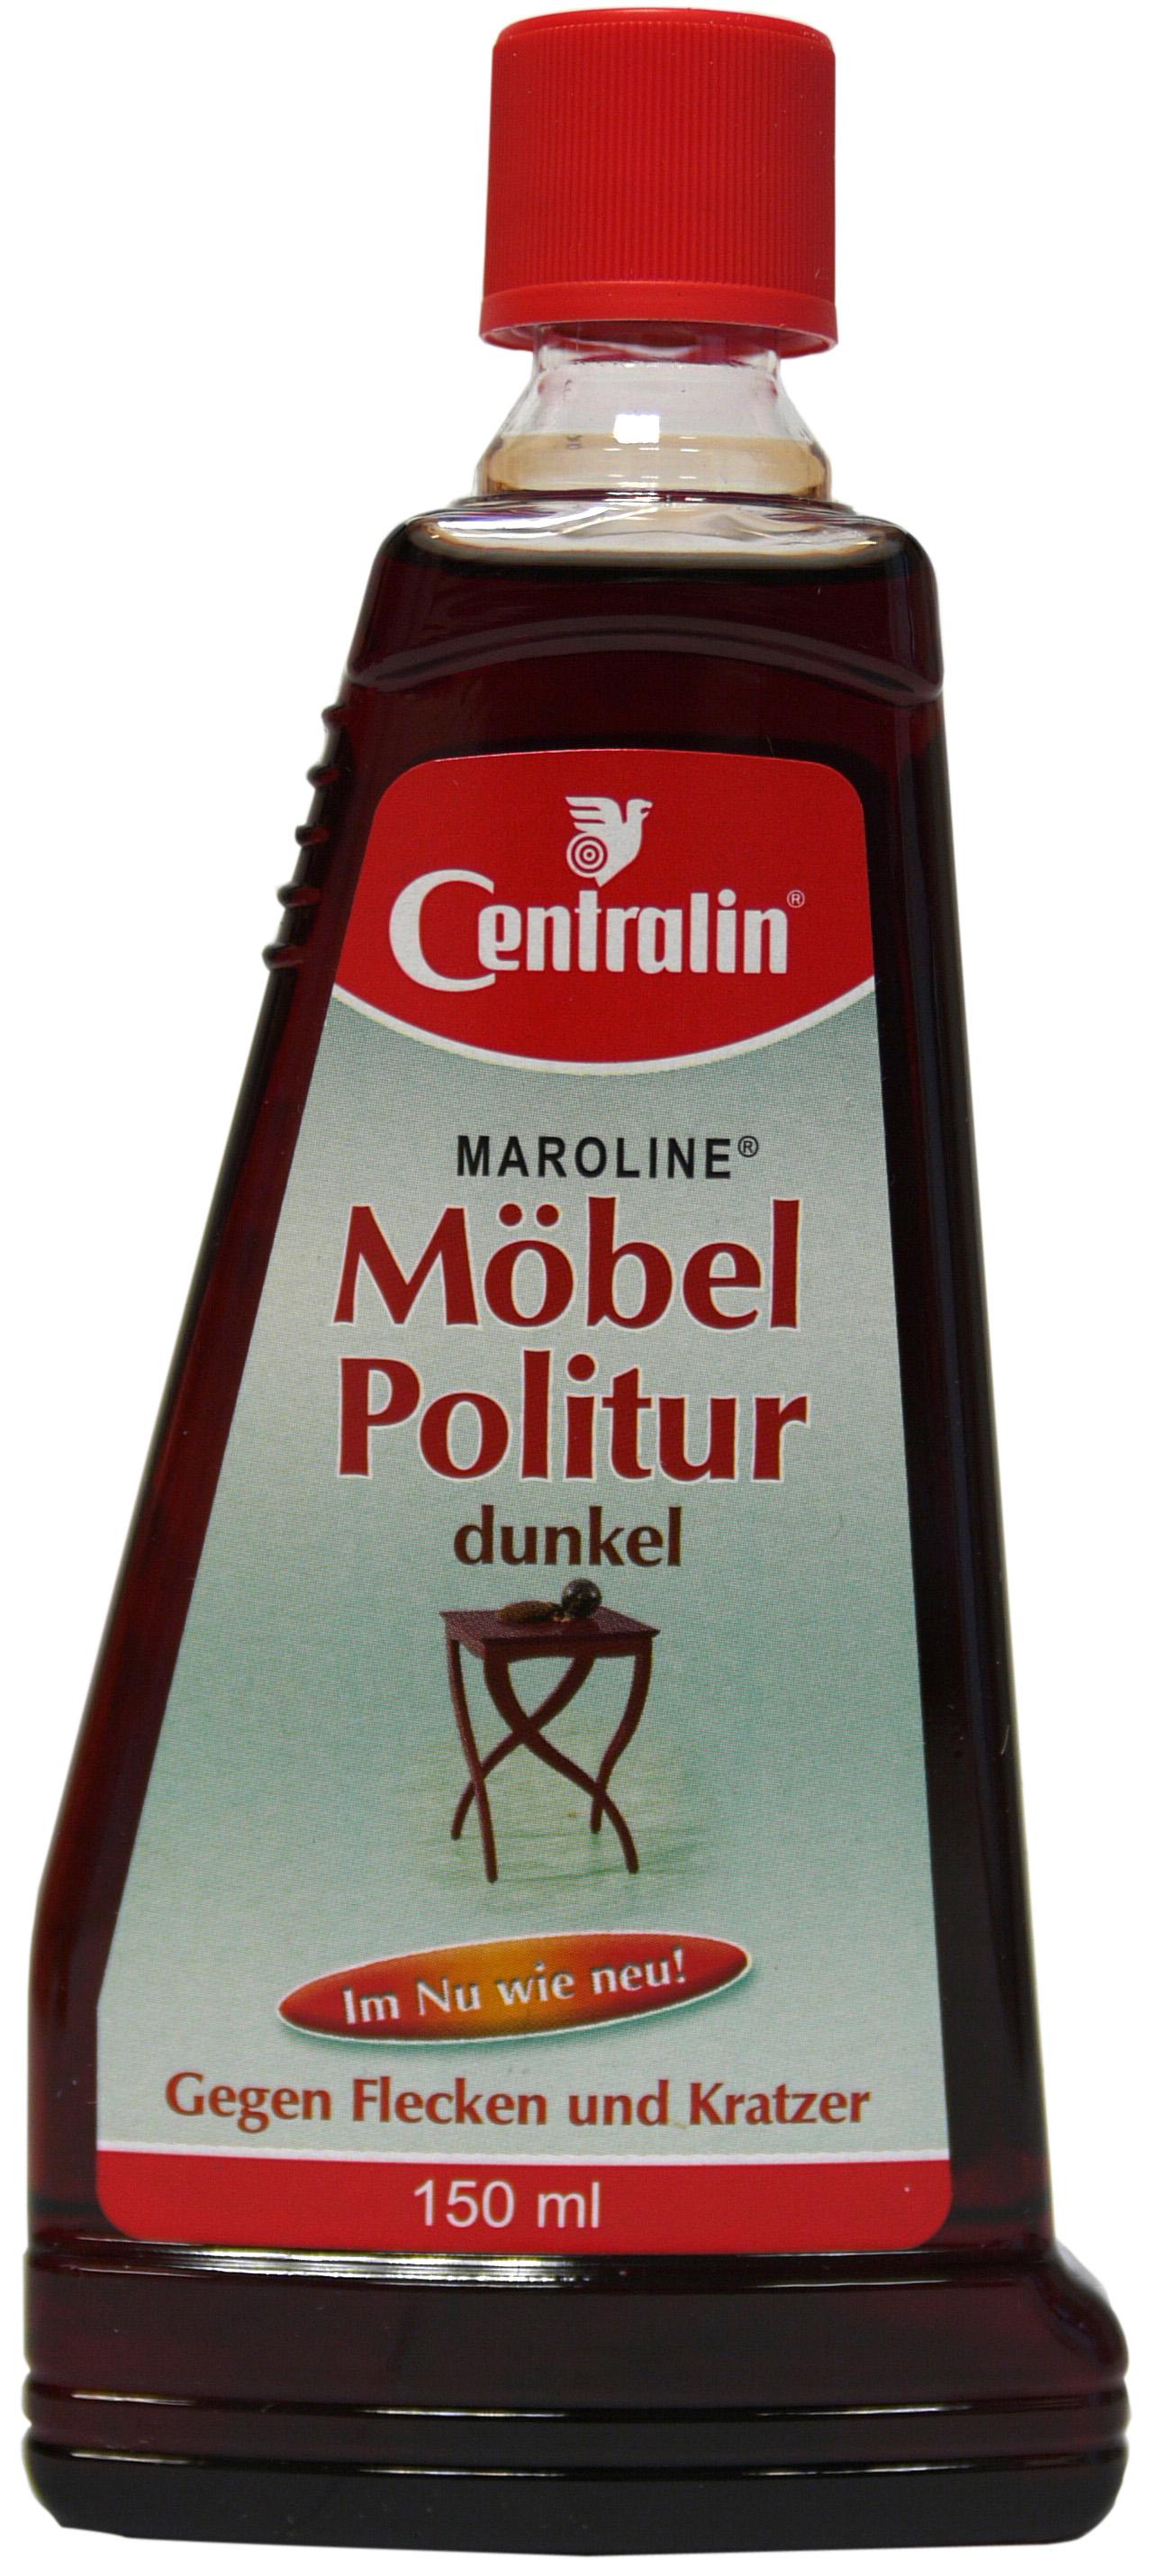 00678 - Maroline Möbelpflege 150 ml -dunkel-